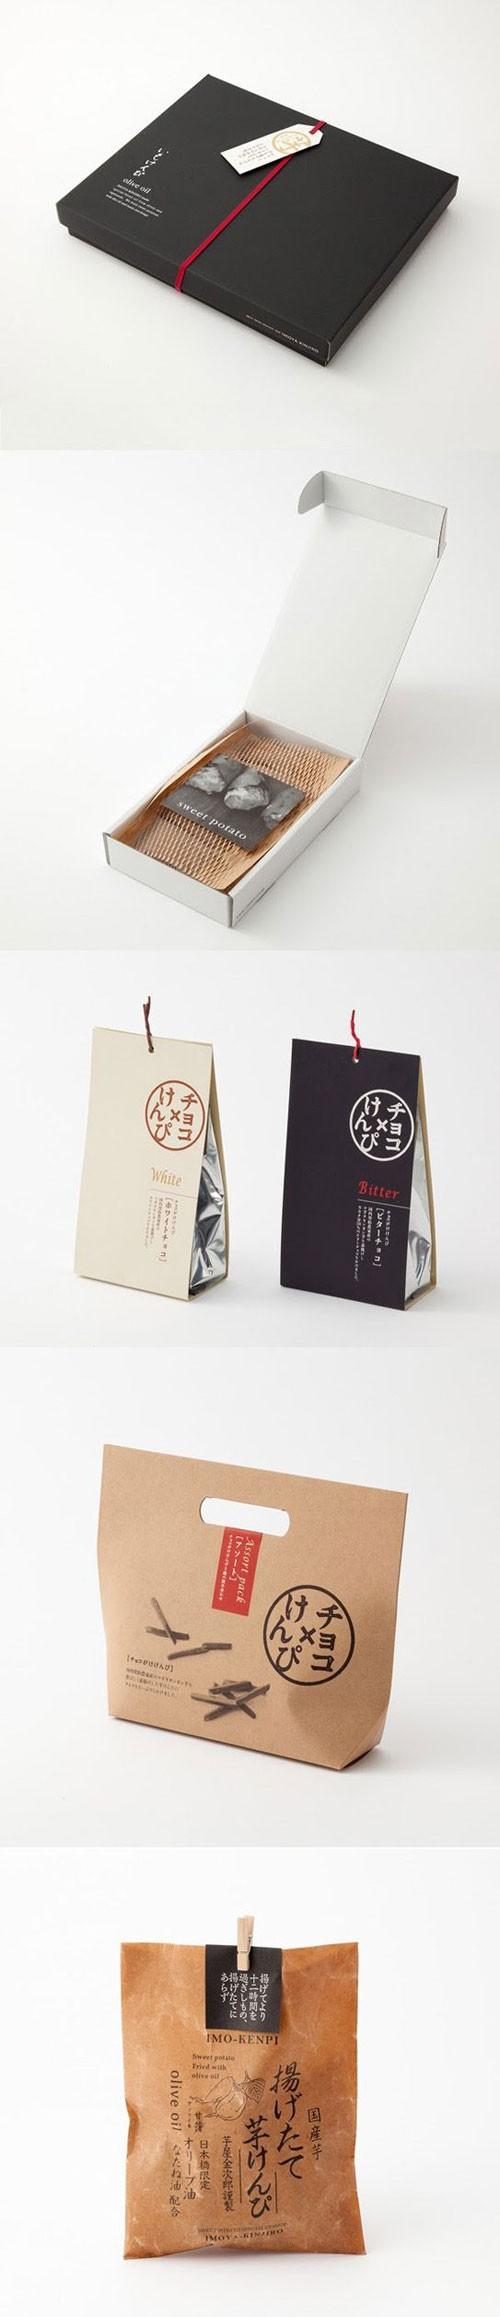 パッケージ/プロダクトデザインvol.28 参考になる優れたパッケージ/プロダクトデザインをご紹介